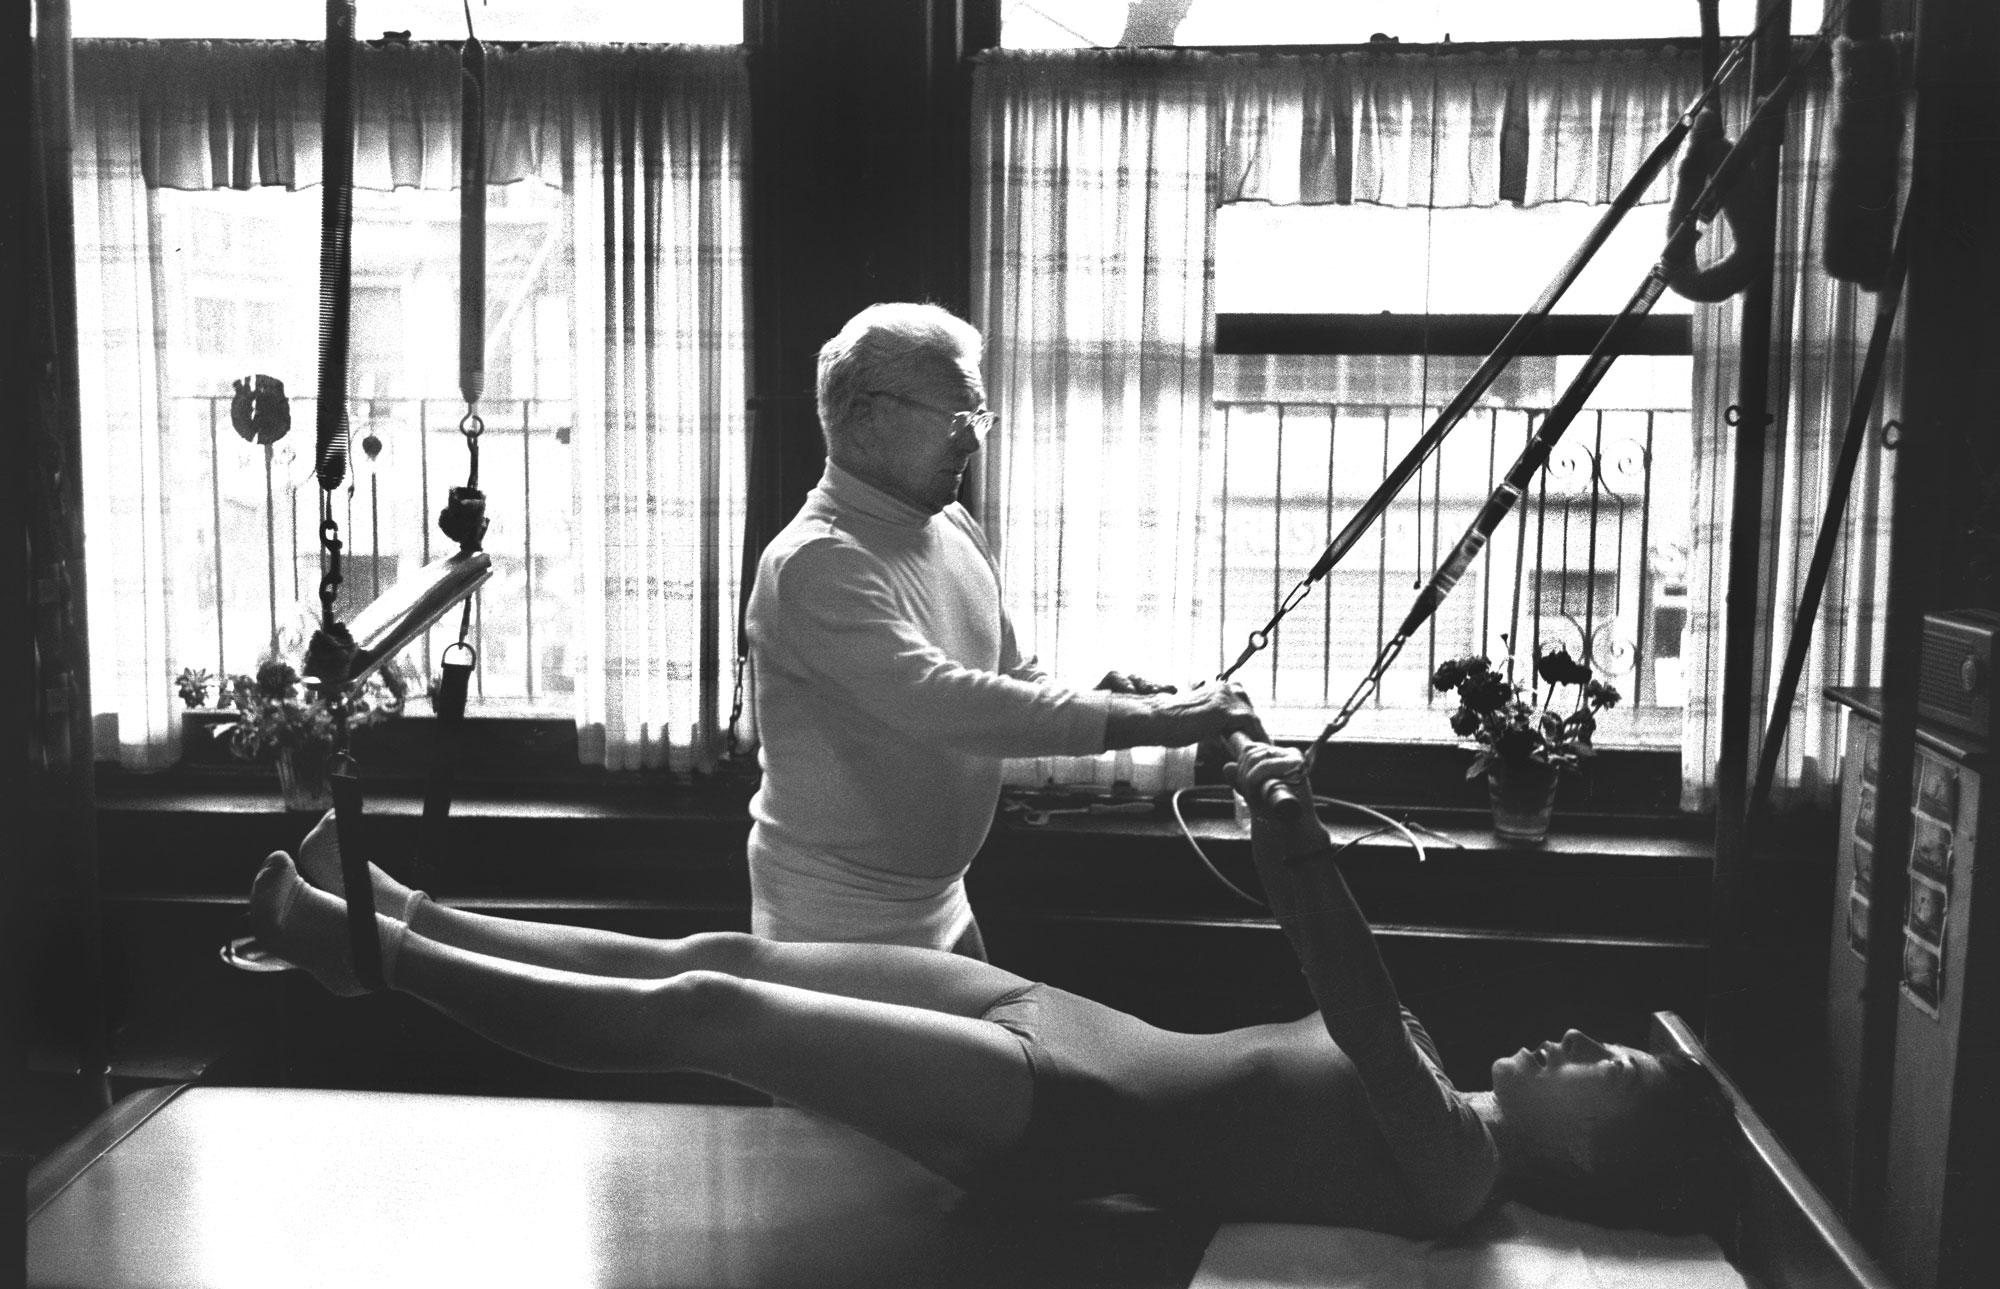 Pilates-Cadillac-hi-rez.jpg